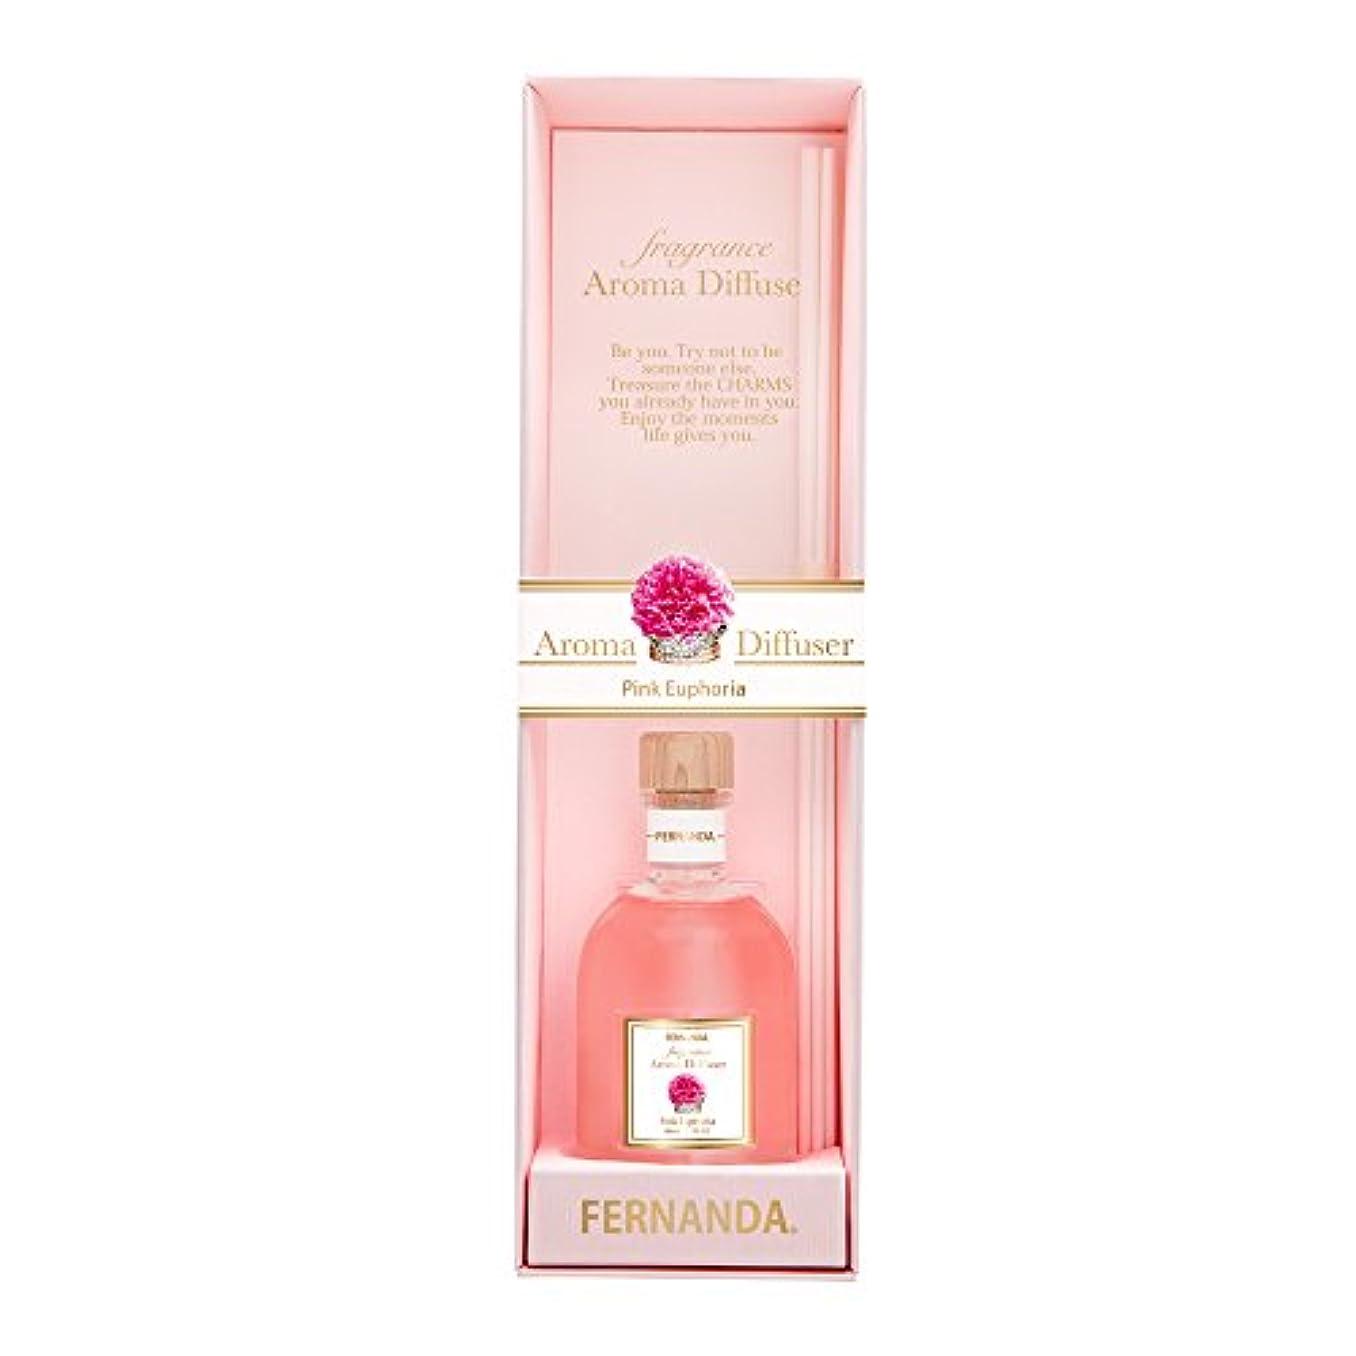 時制故障政府FERNANDA(フェルナンダ) Fragrance Aroma Diffuser Pink Euphoria (アロマディフューザー ピンクエウフォリア)